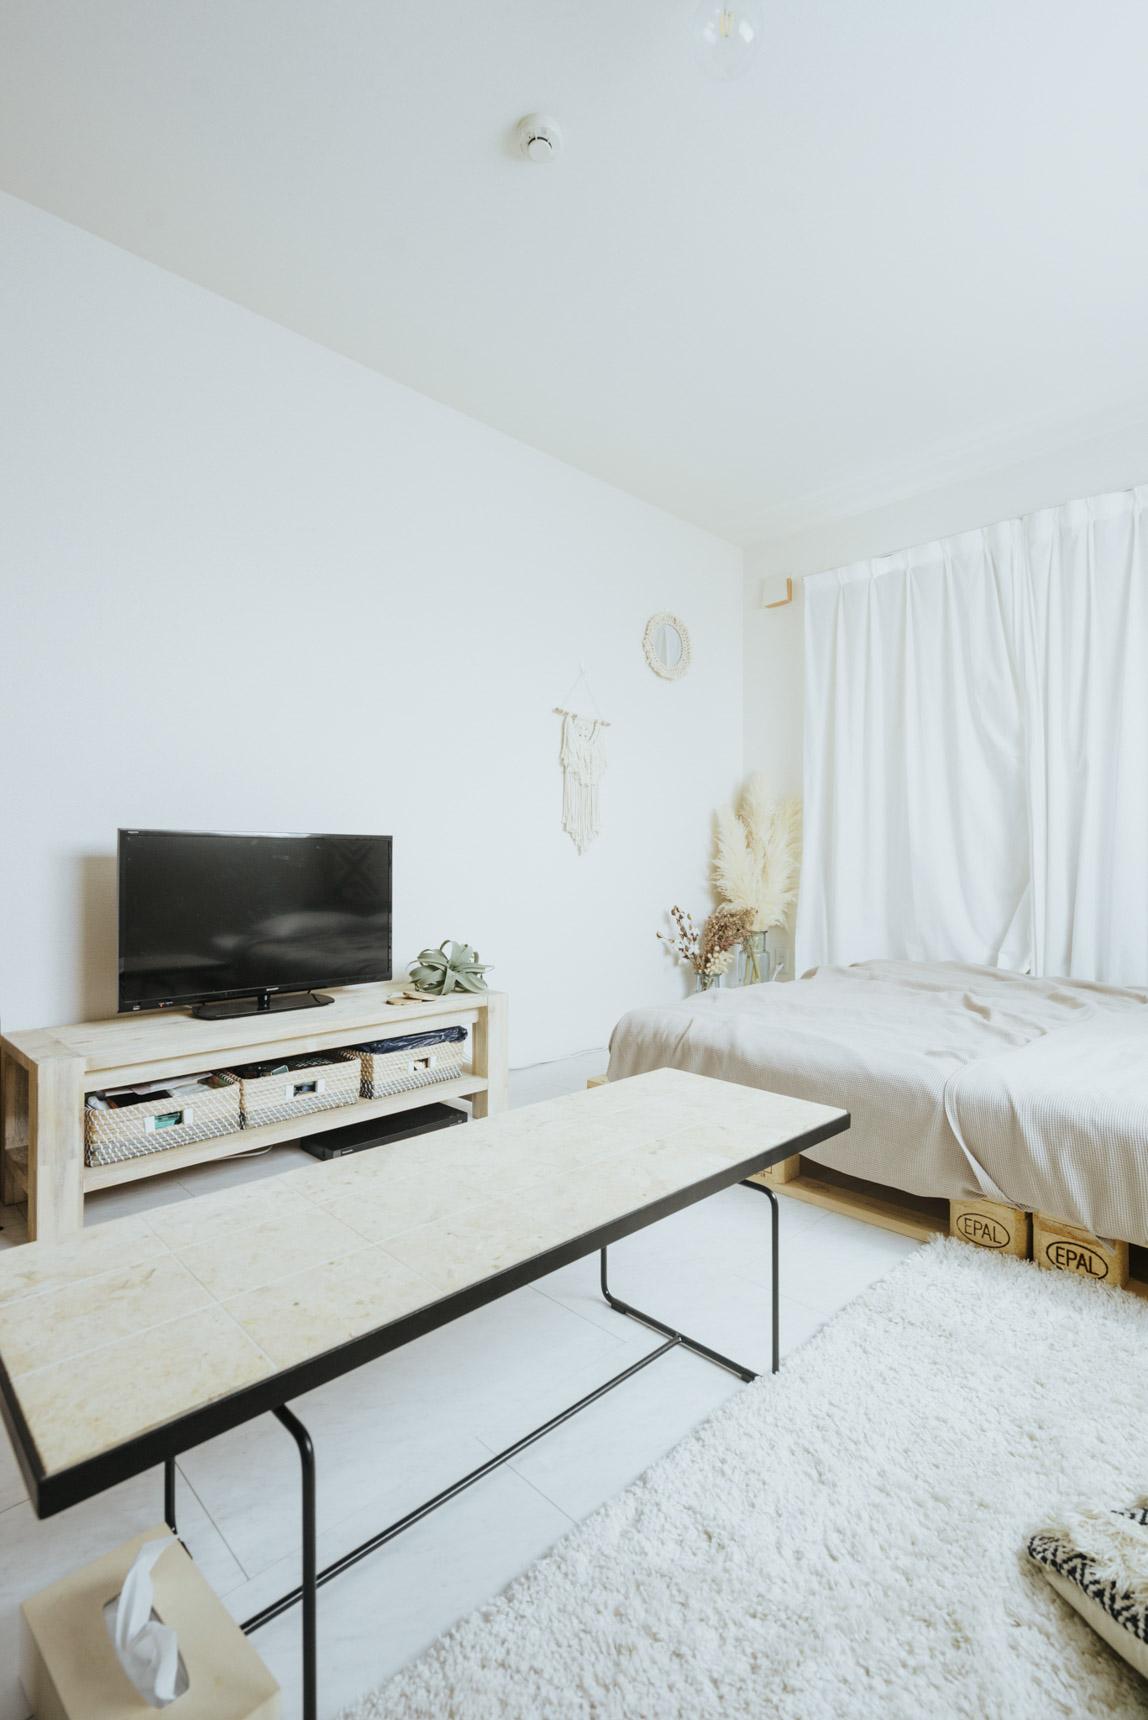 部屋のイメージを決めているのは、天然石の天板が印象的な、IDEEのMACTAN LOW TABLE。TVボードは白い木のものを探して、unicoで見つけました。